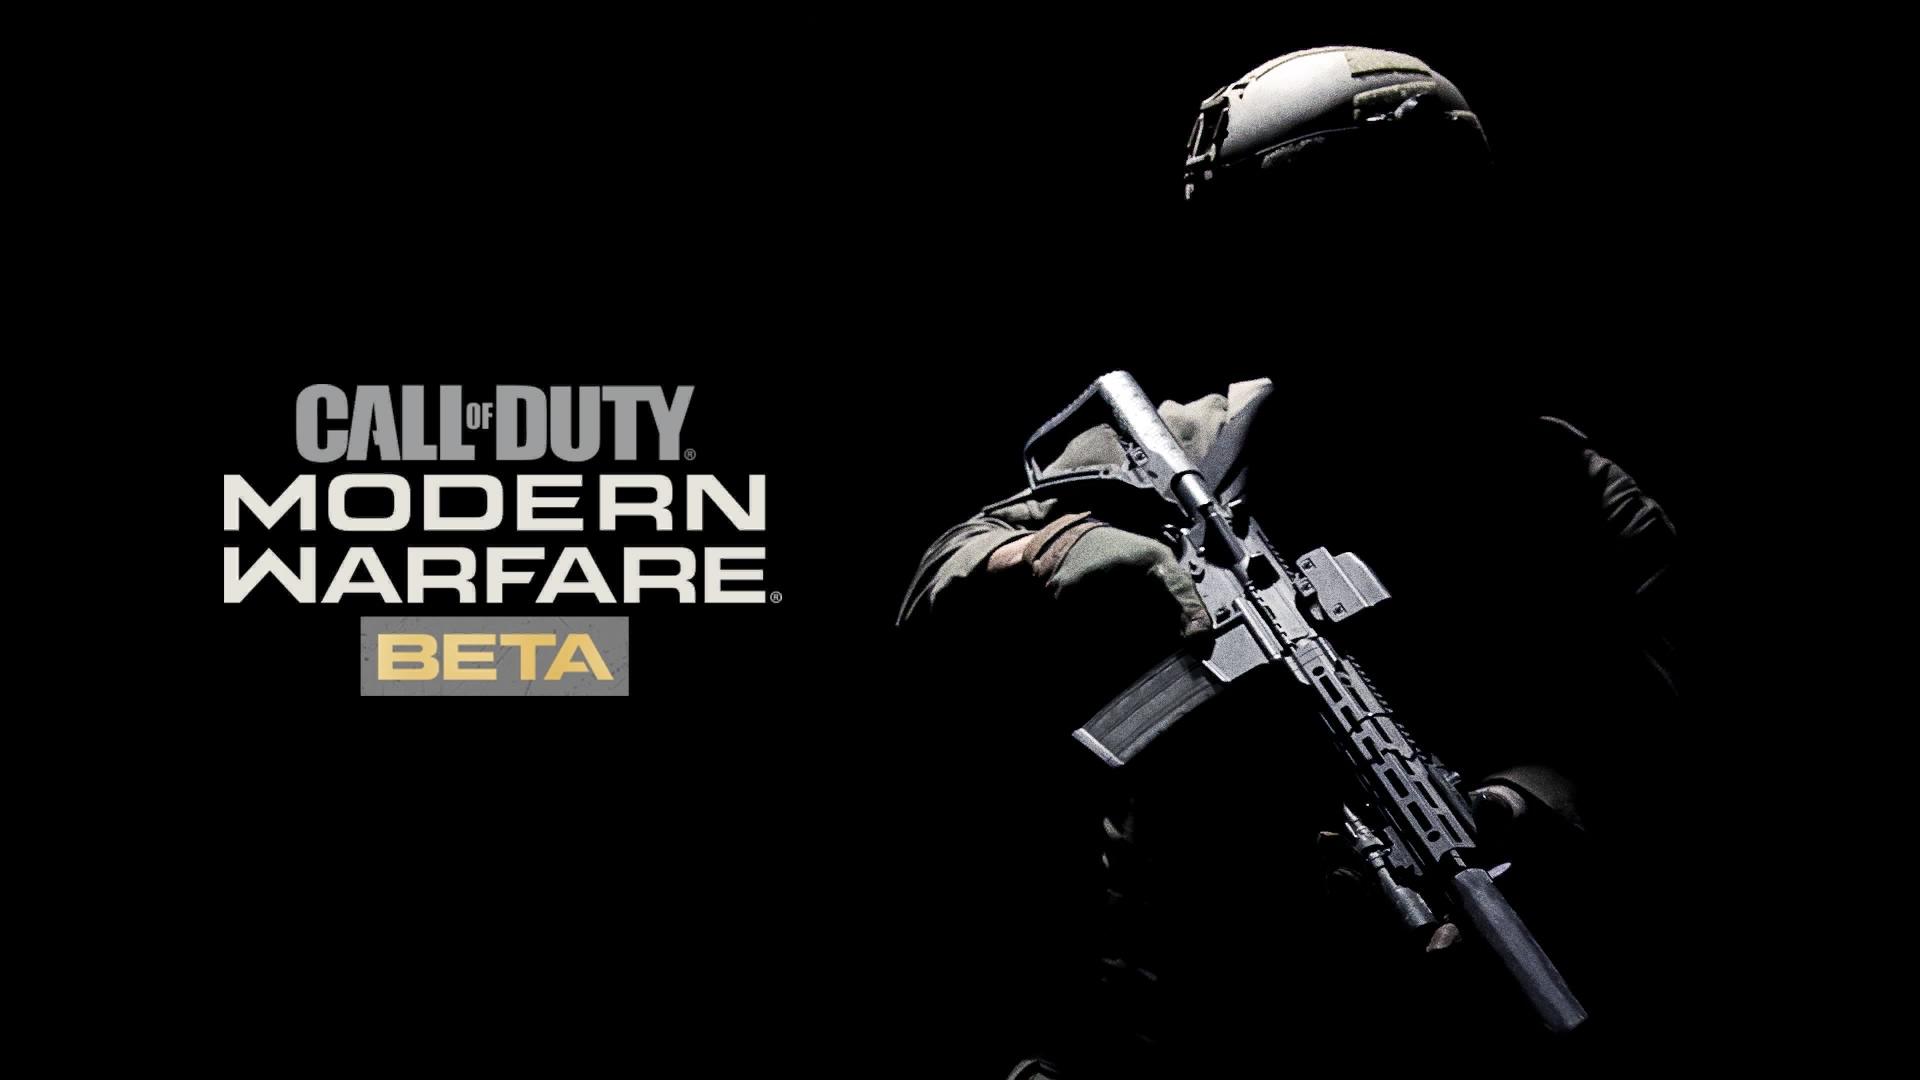 Grałem w publiczną betę Call of Duty: Modern Warfare. Dobrze, że się skończyła 25